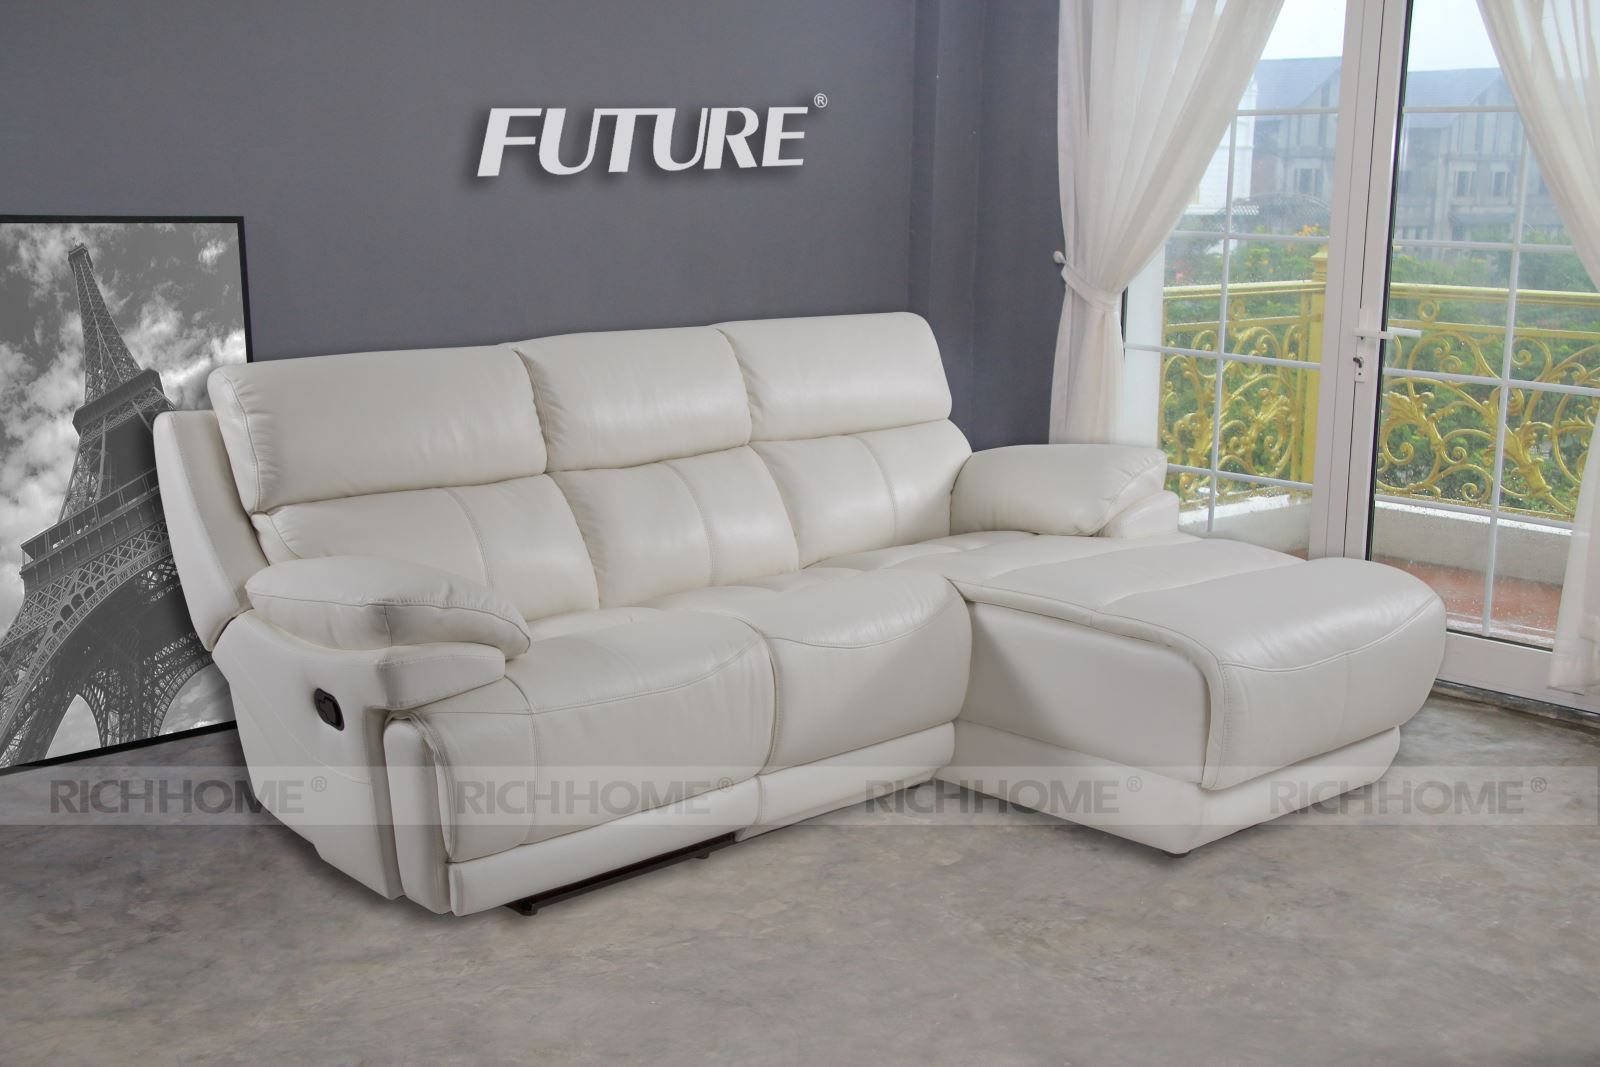 Sofa da Future Model 9903 (3L) - Có 12 màu sắc tùy chọn